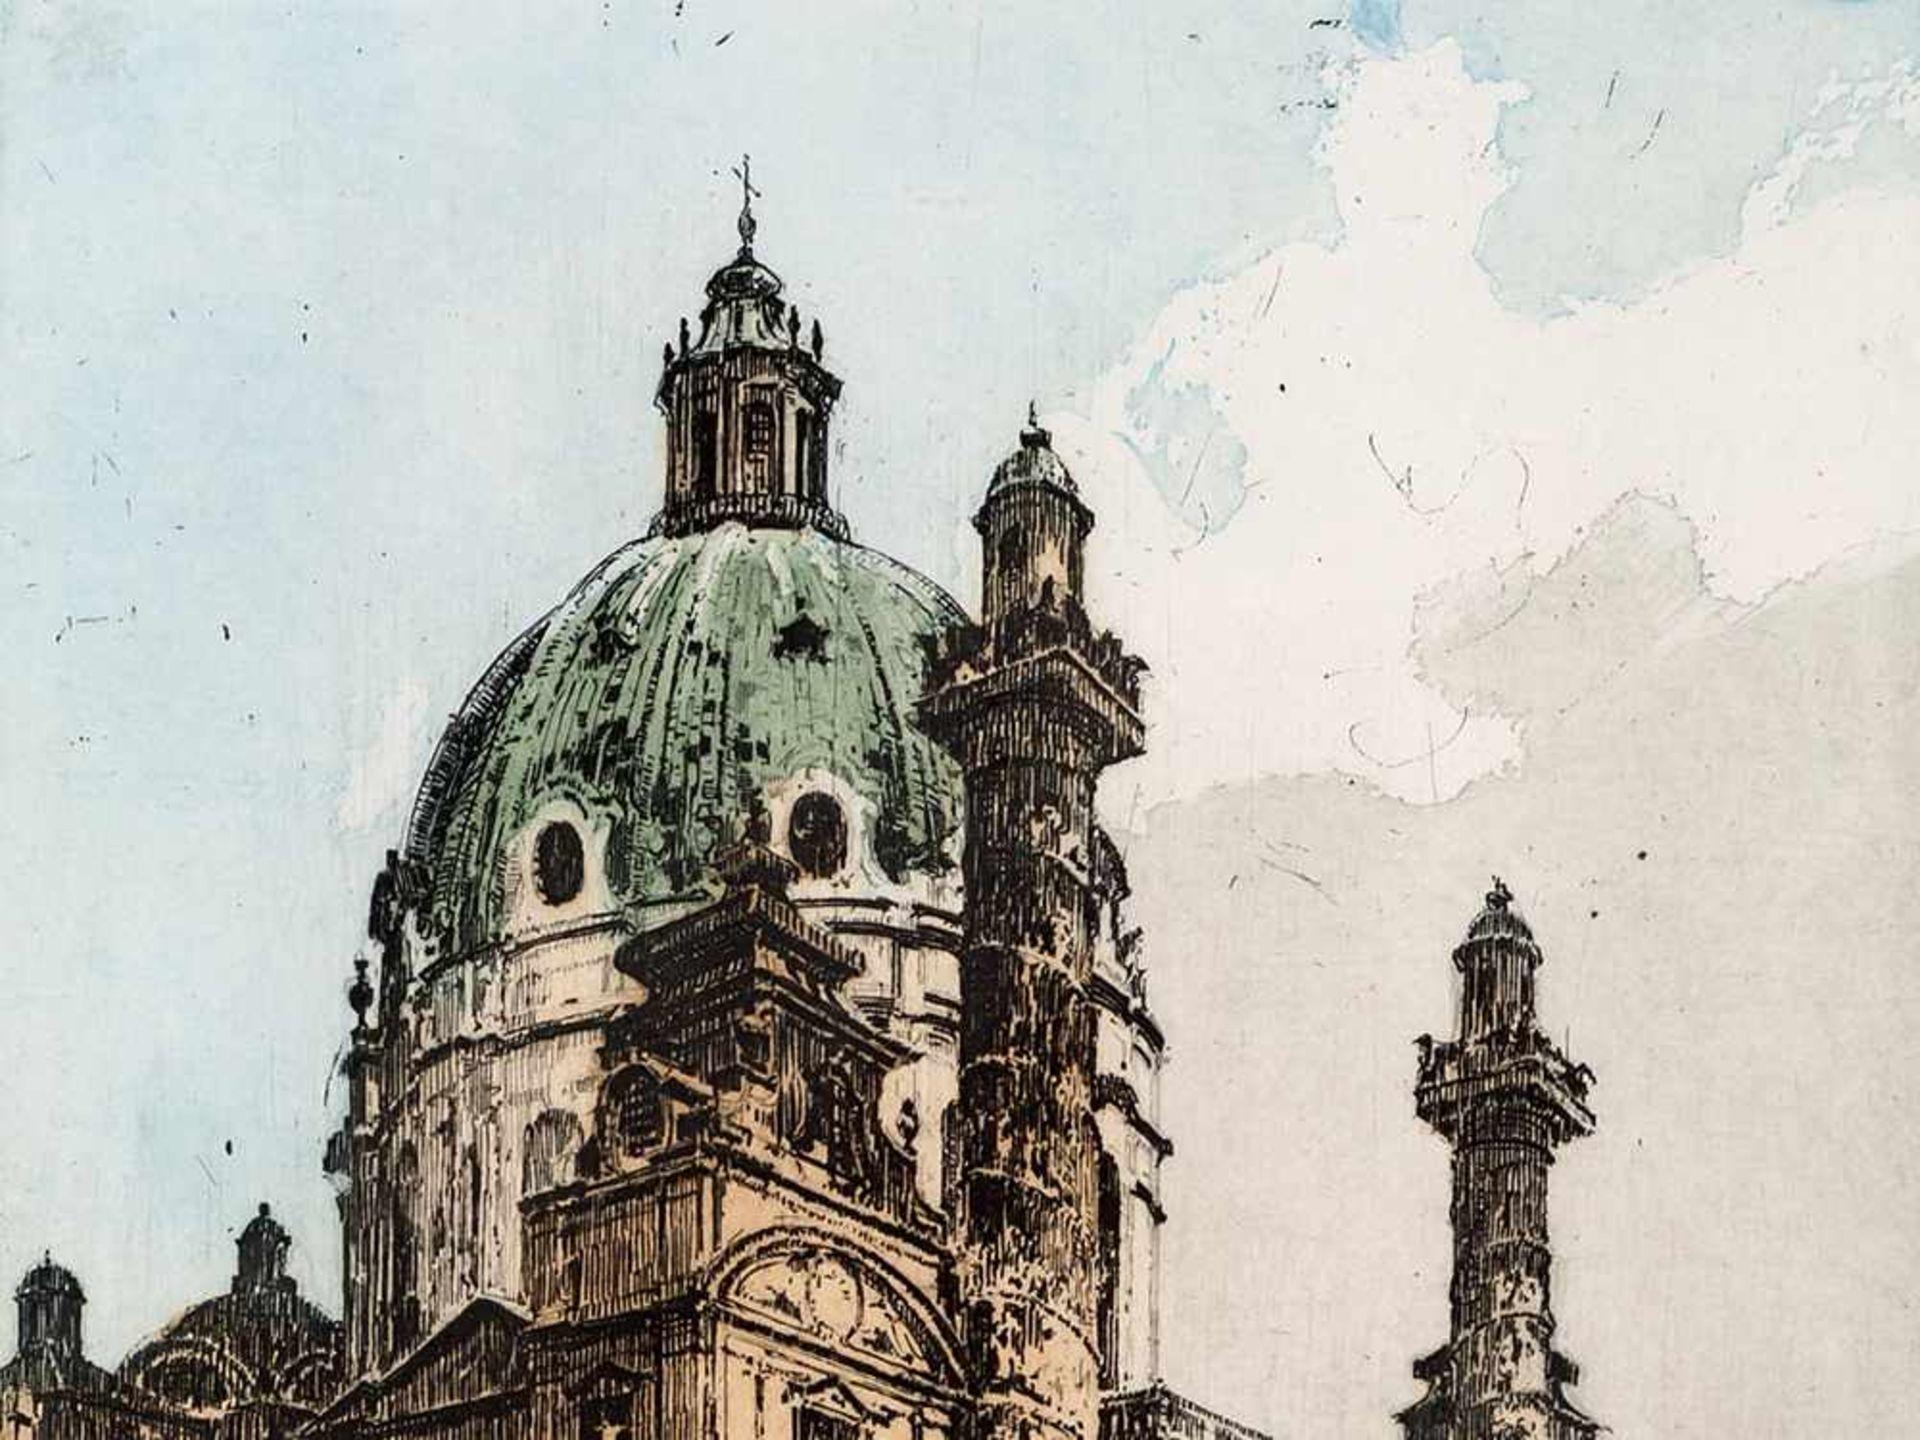 Los 74 - Luigi Kasimir, Blick auf die Karlskirche, Radierung, Wien, 1911 Farbradierung auf Velin. Luigi